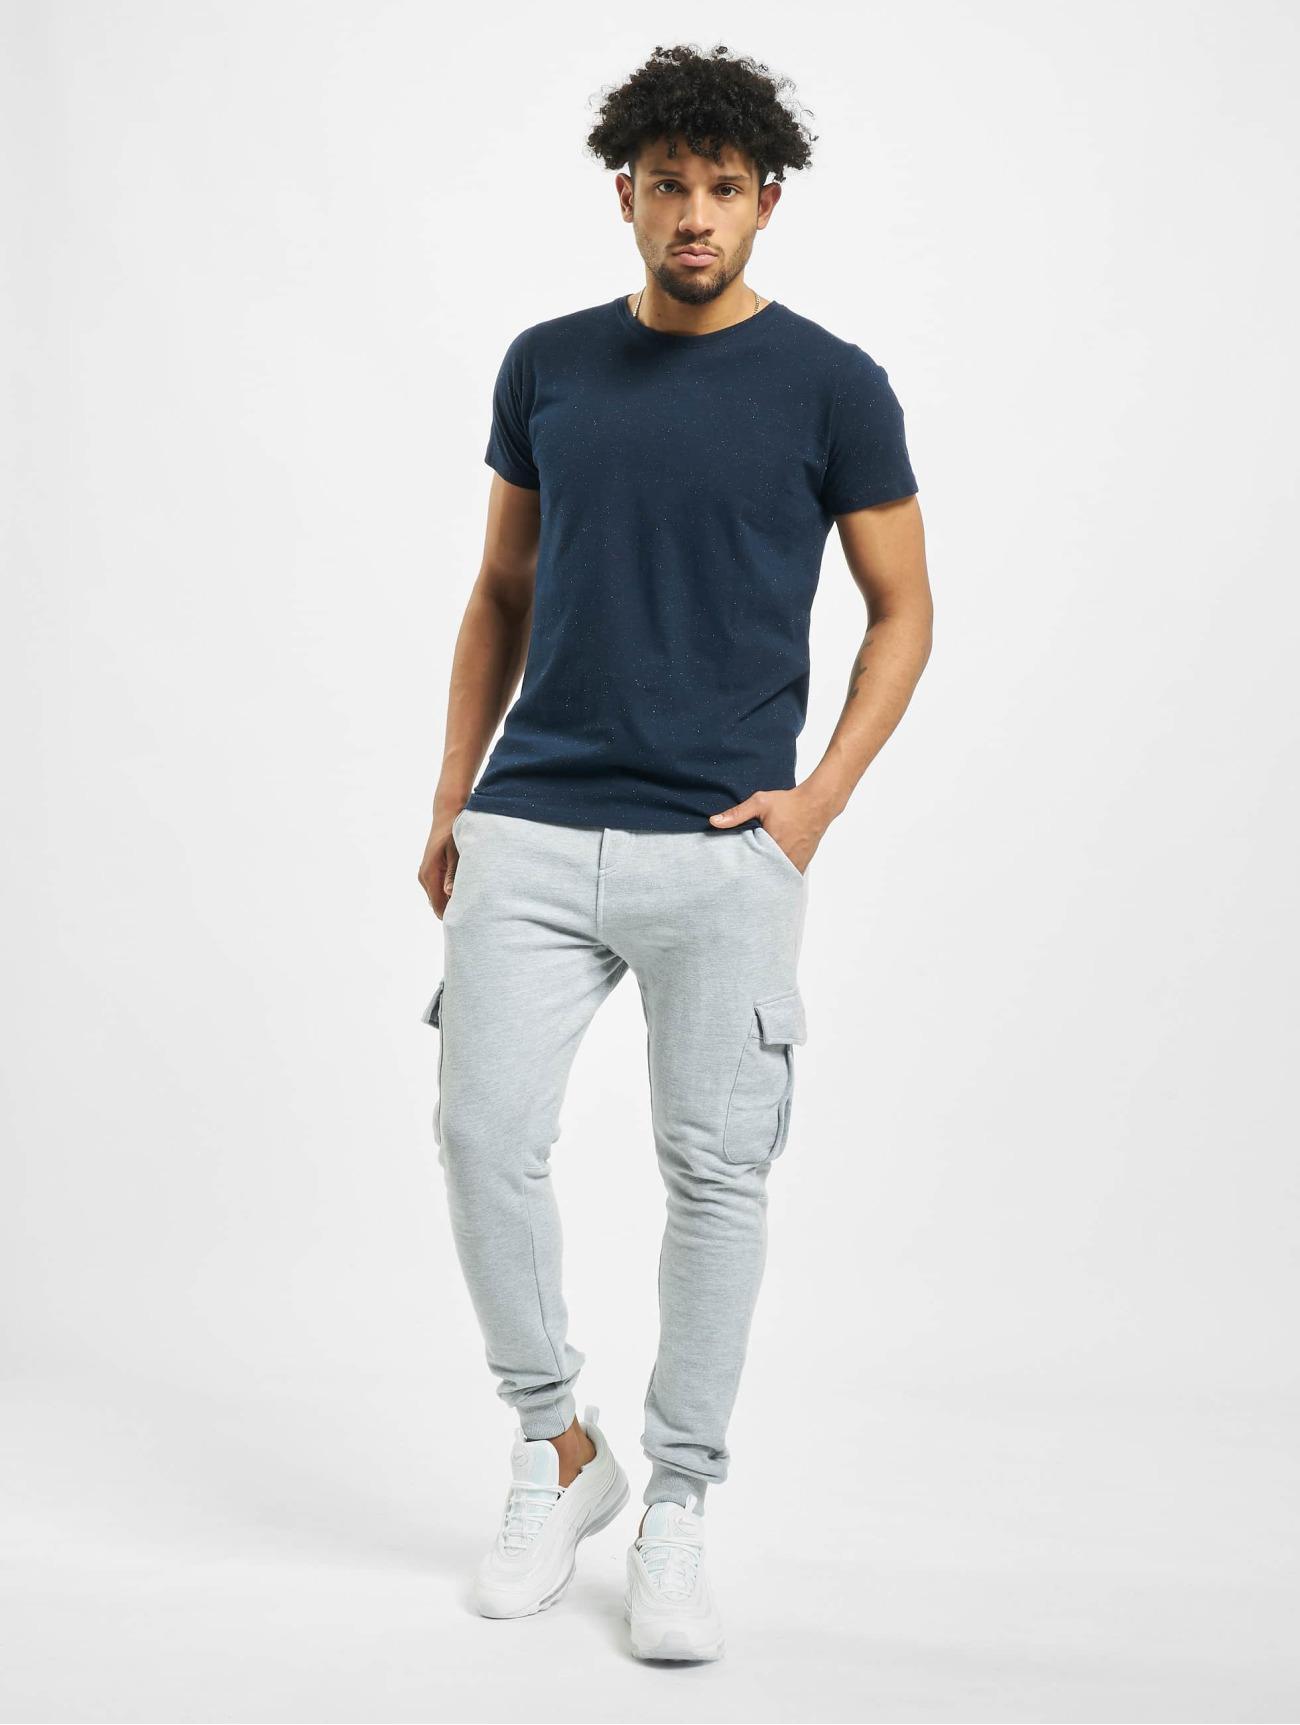 Suit Överdel / T-shirt Broadway i blå 652164 Män Överdelar